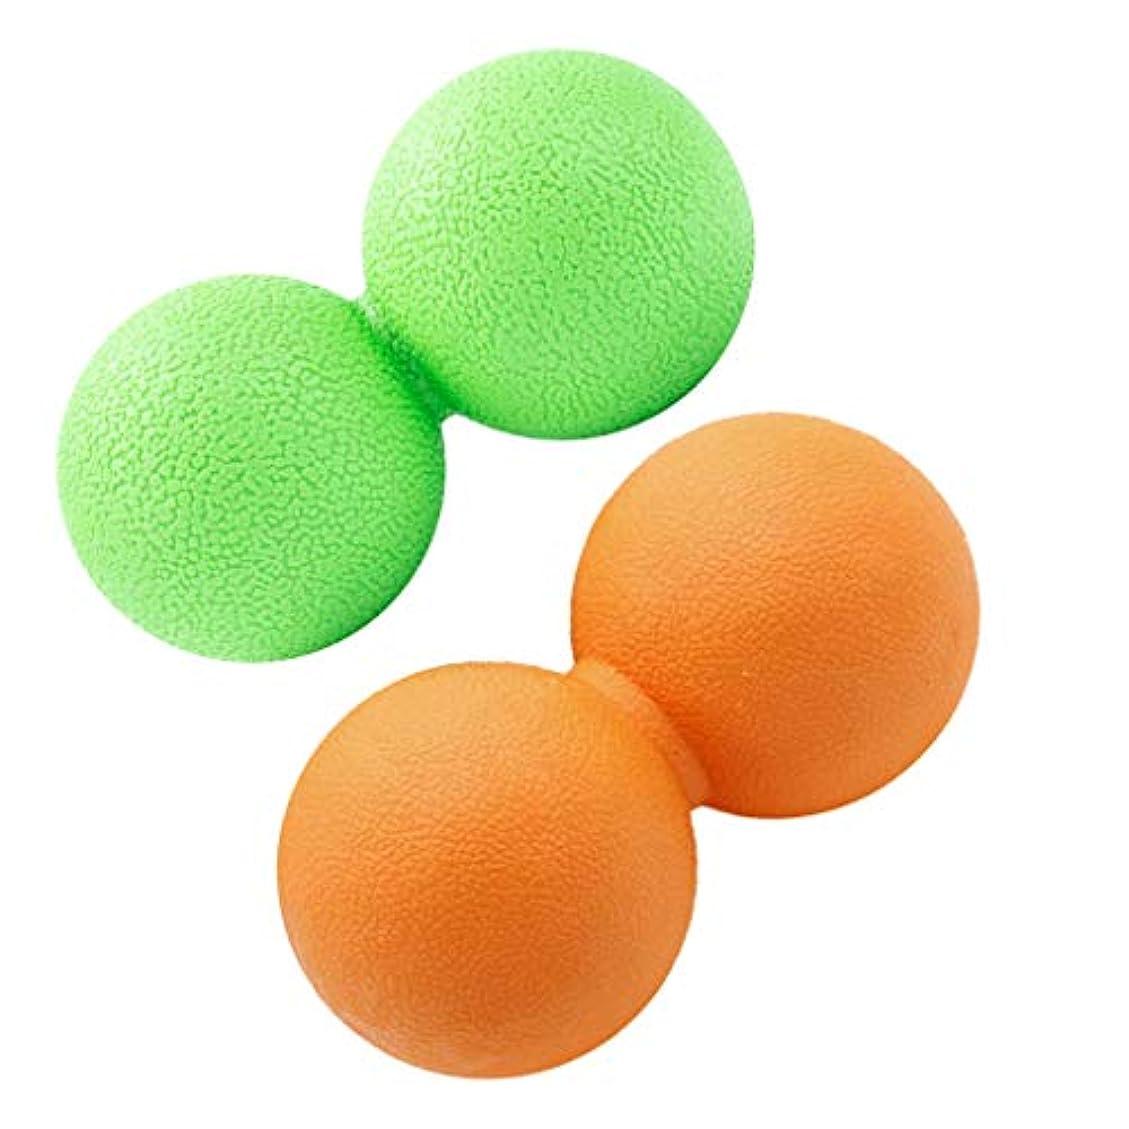 セミナー裸分子マッサージボール ピーナッツ型 筋膜リリース トリガーポイント 健康器具 持ち運び 2個入